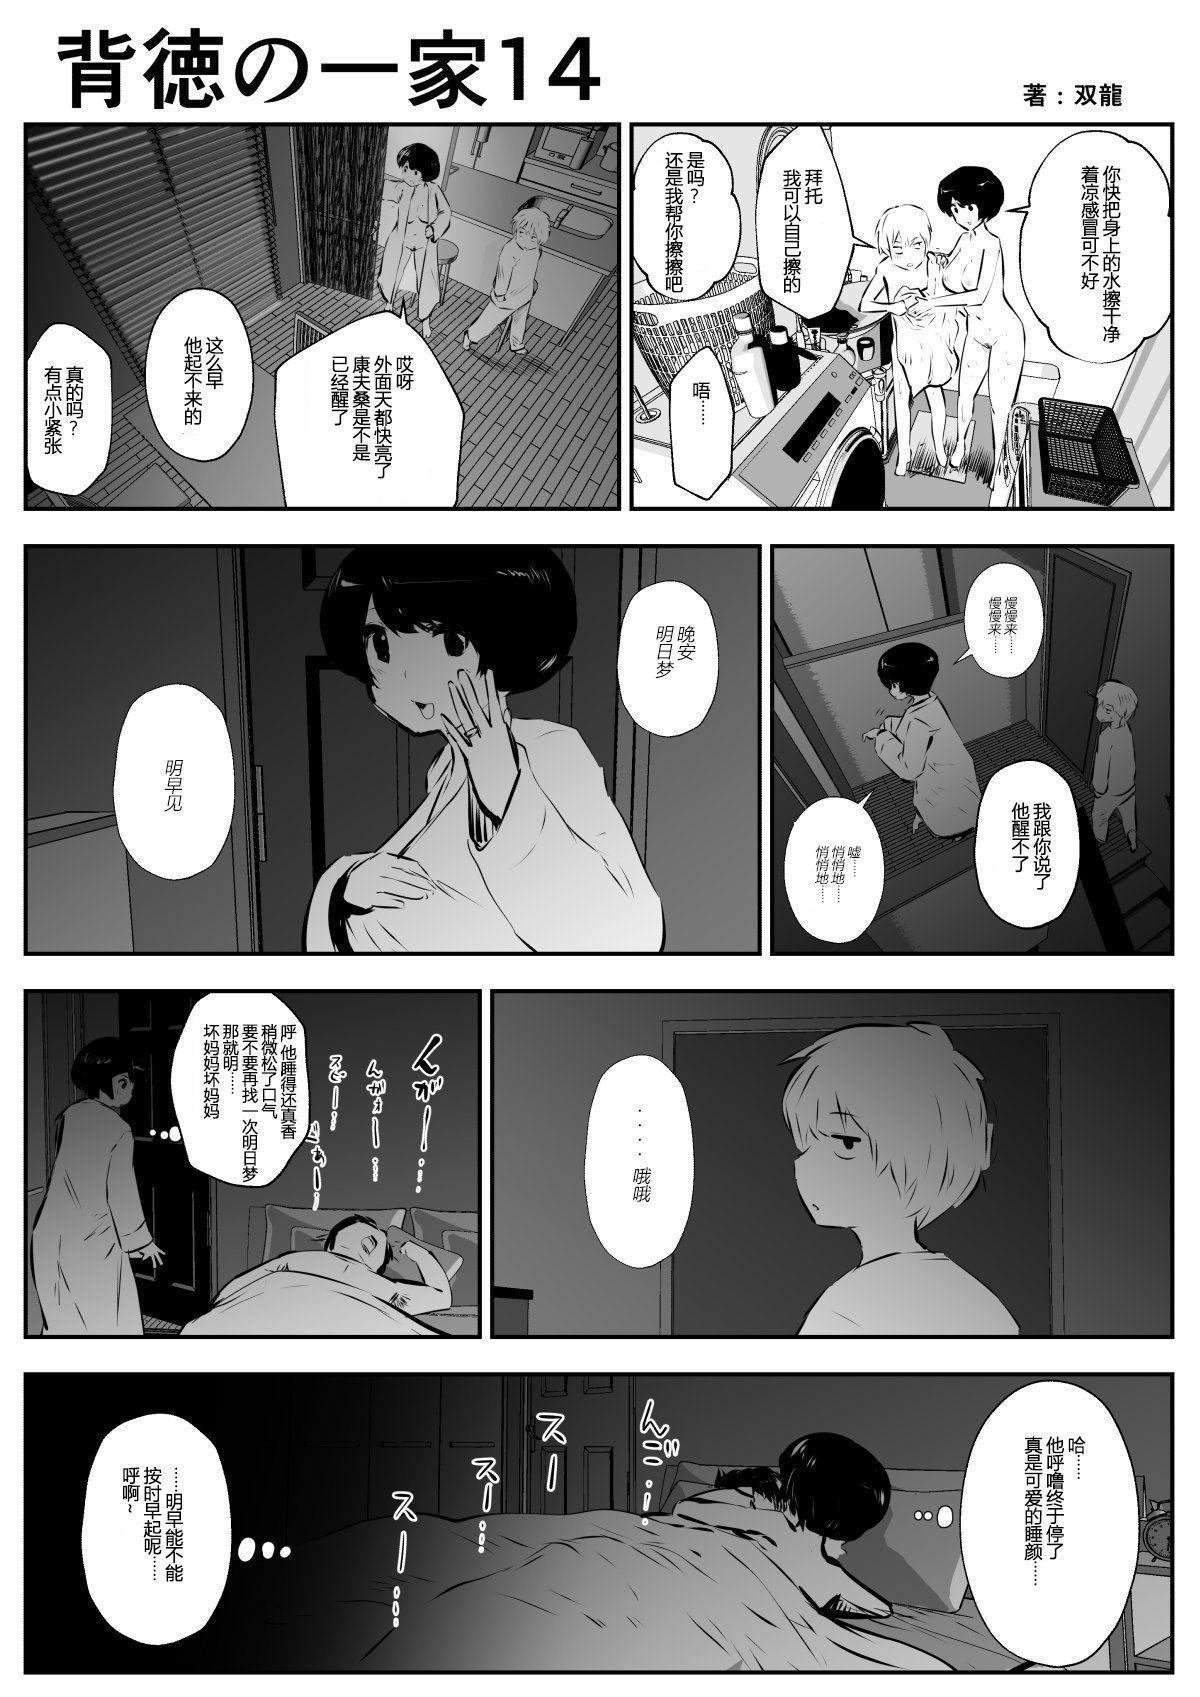 Haitoku no Ikka背德的一家 1-14 14